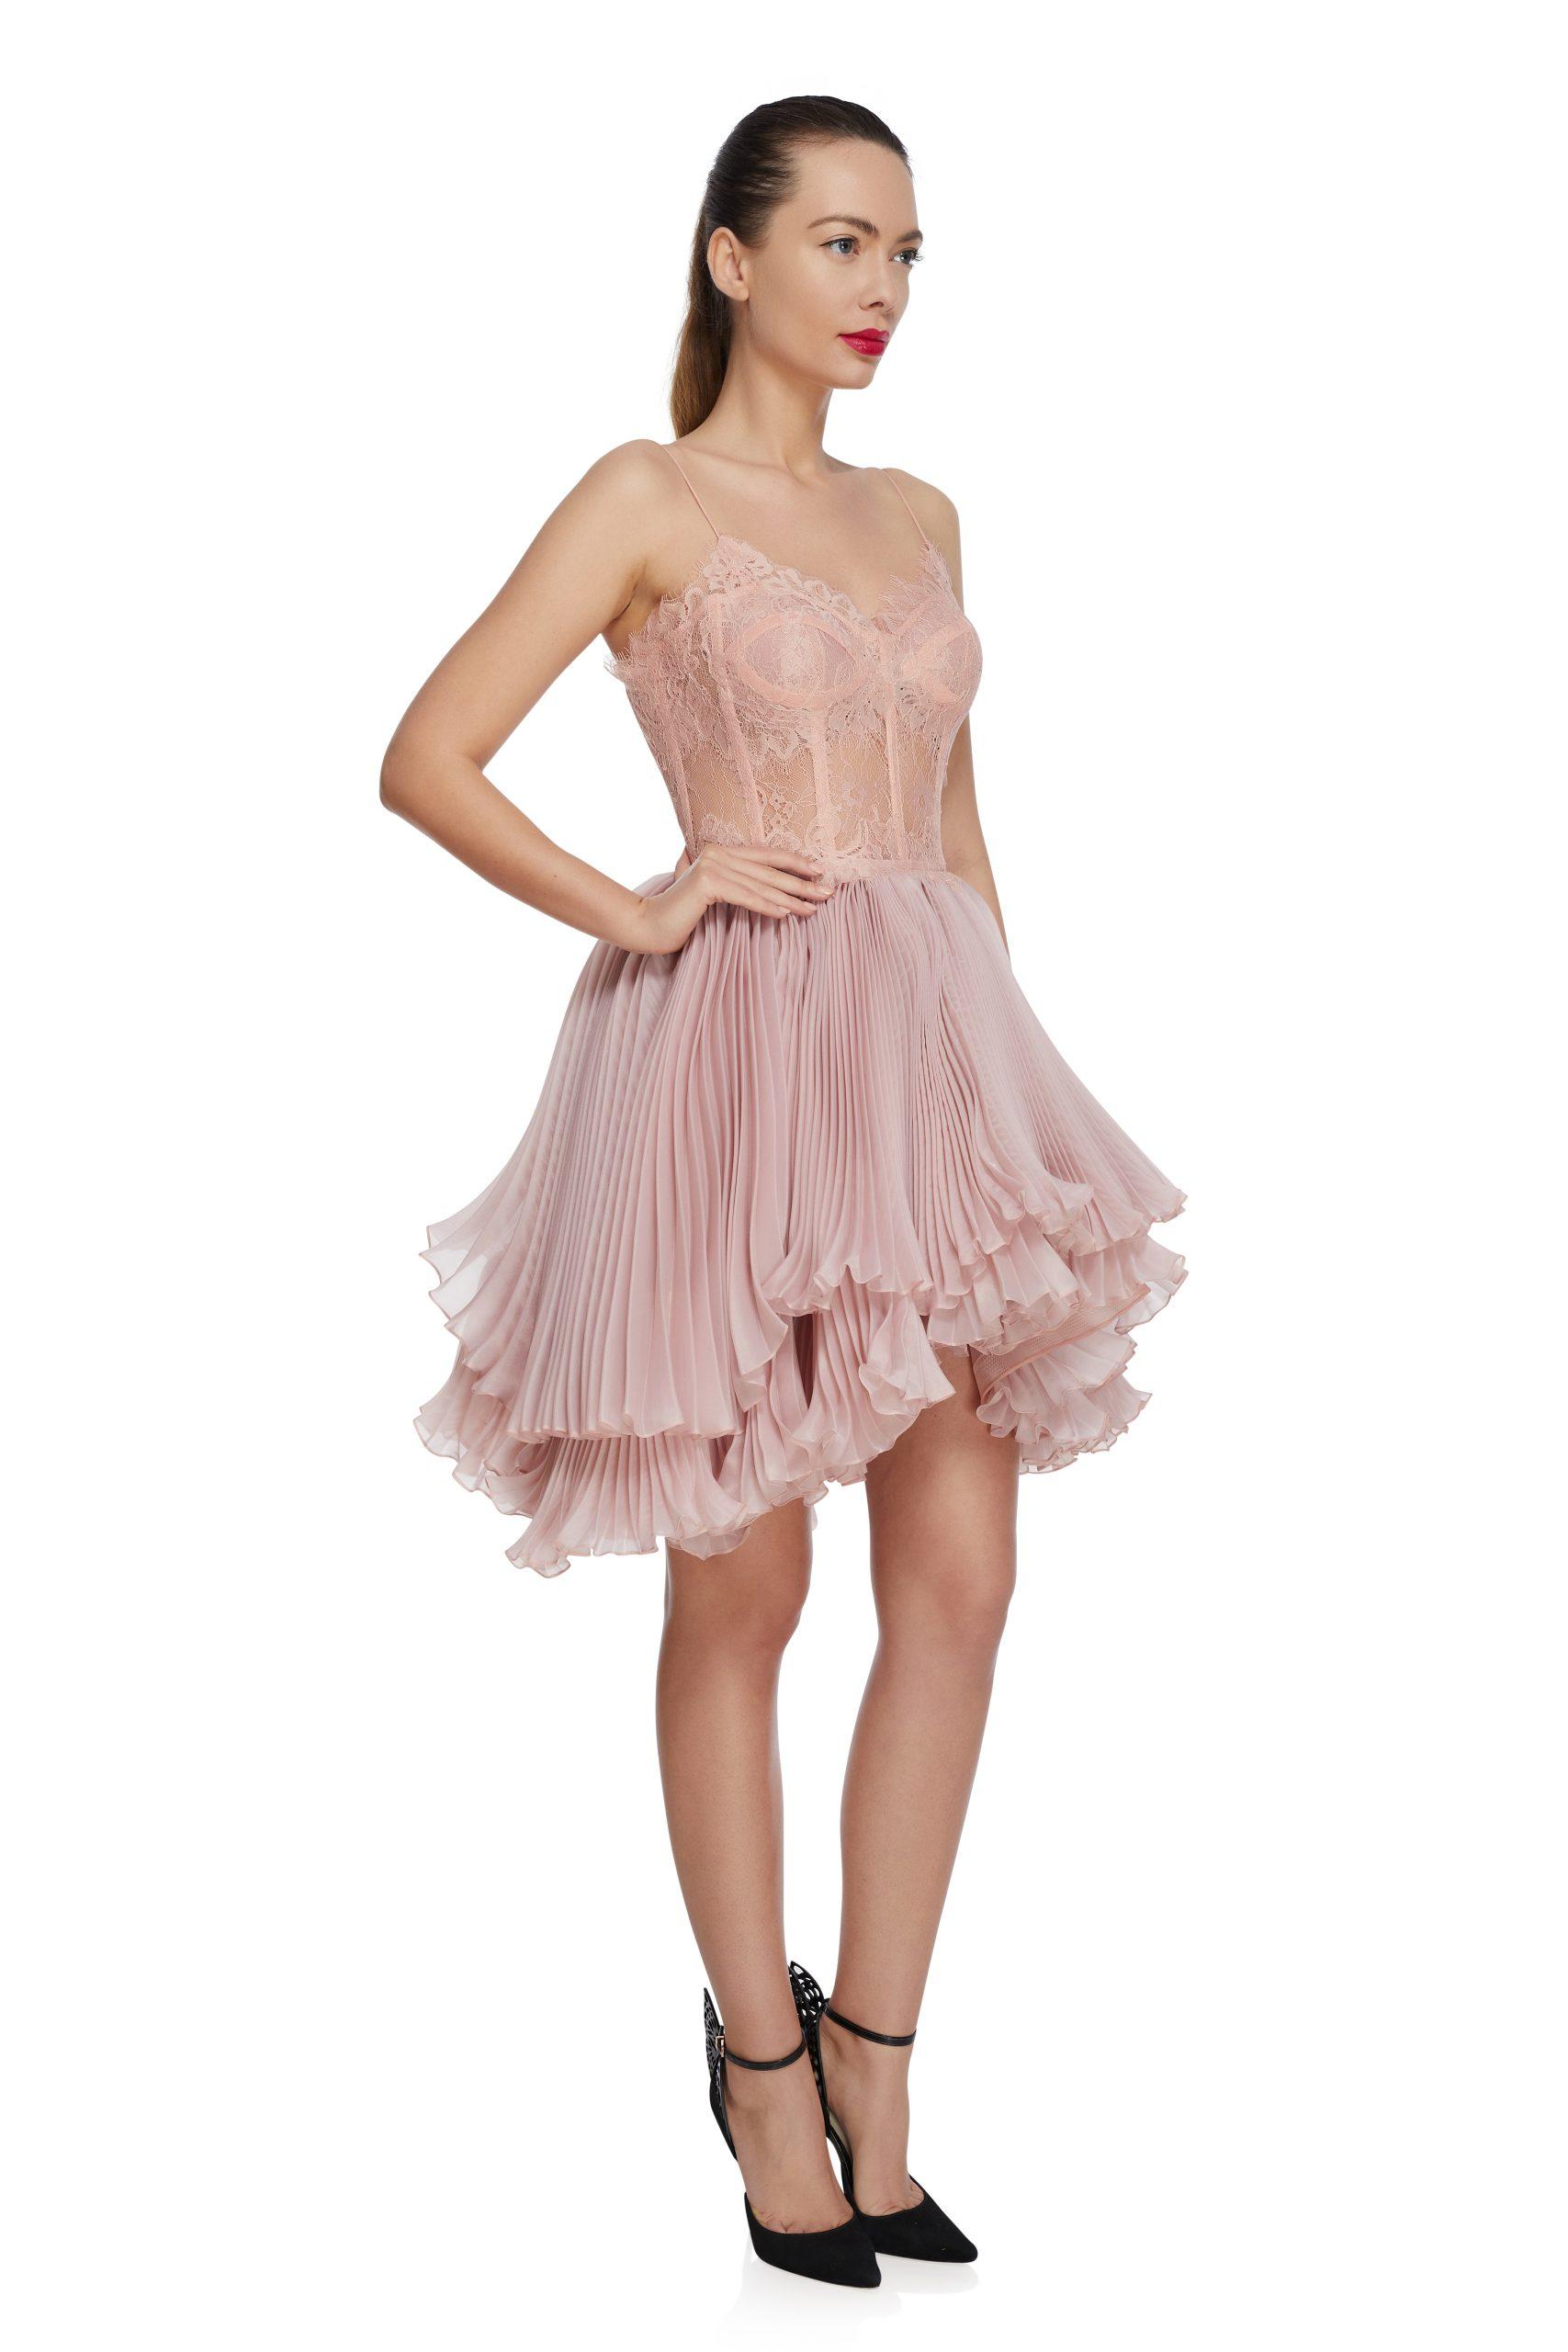 Lace corset prom dress